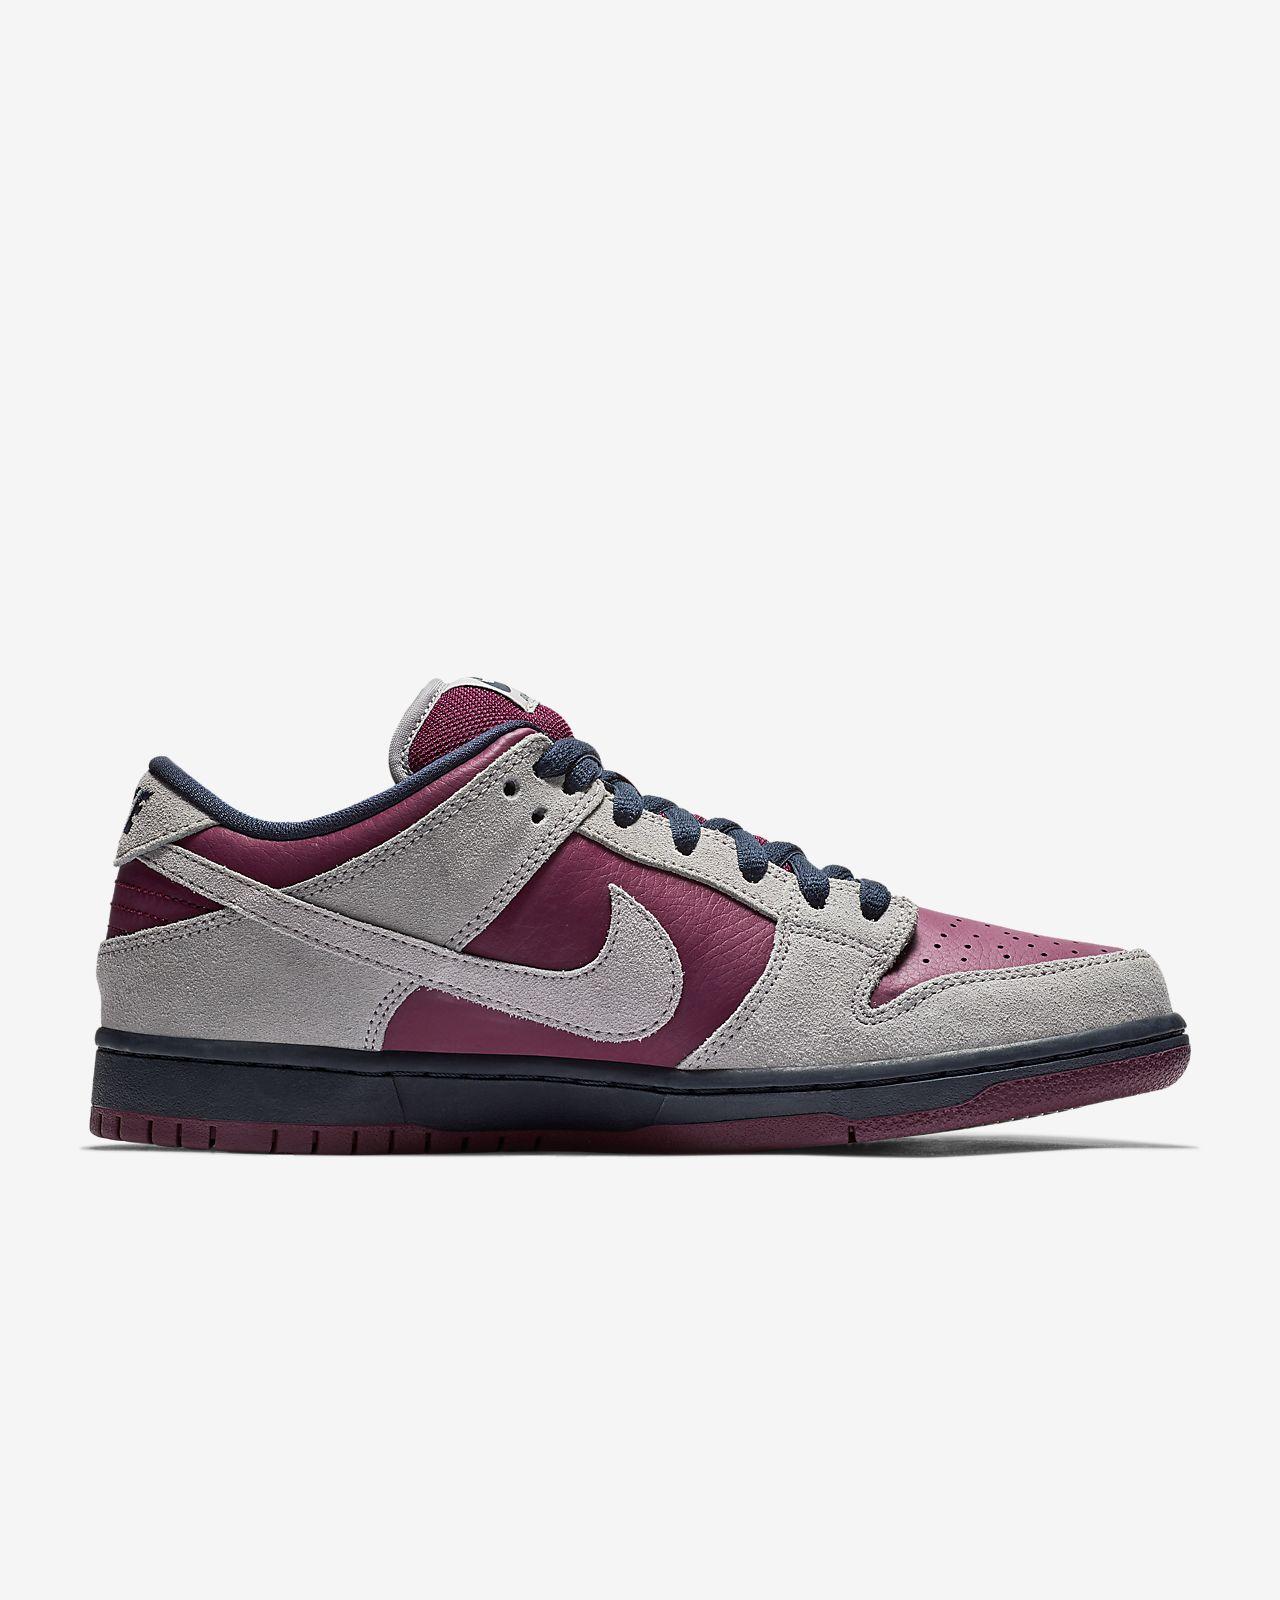 big sale e0c73 3e7d4 ... Nike SB Dunk Low Pro Skate Shoe